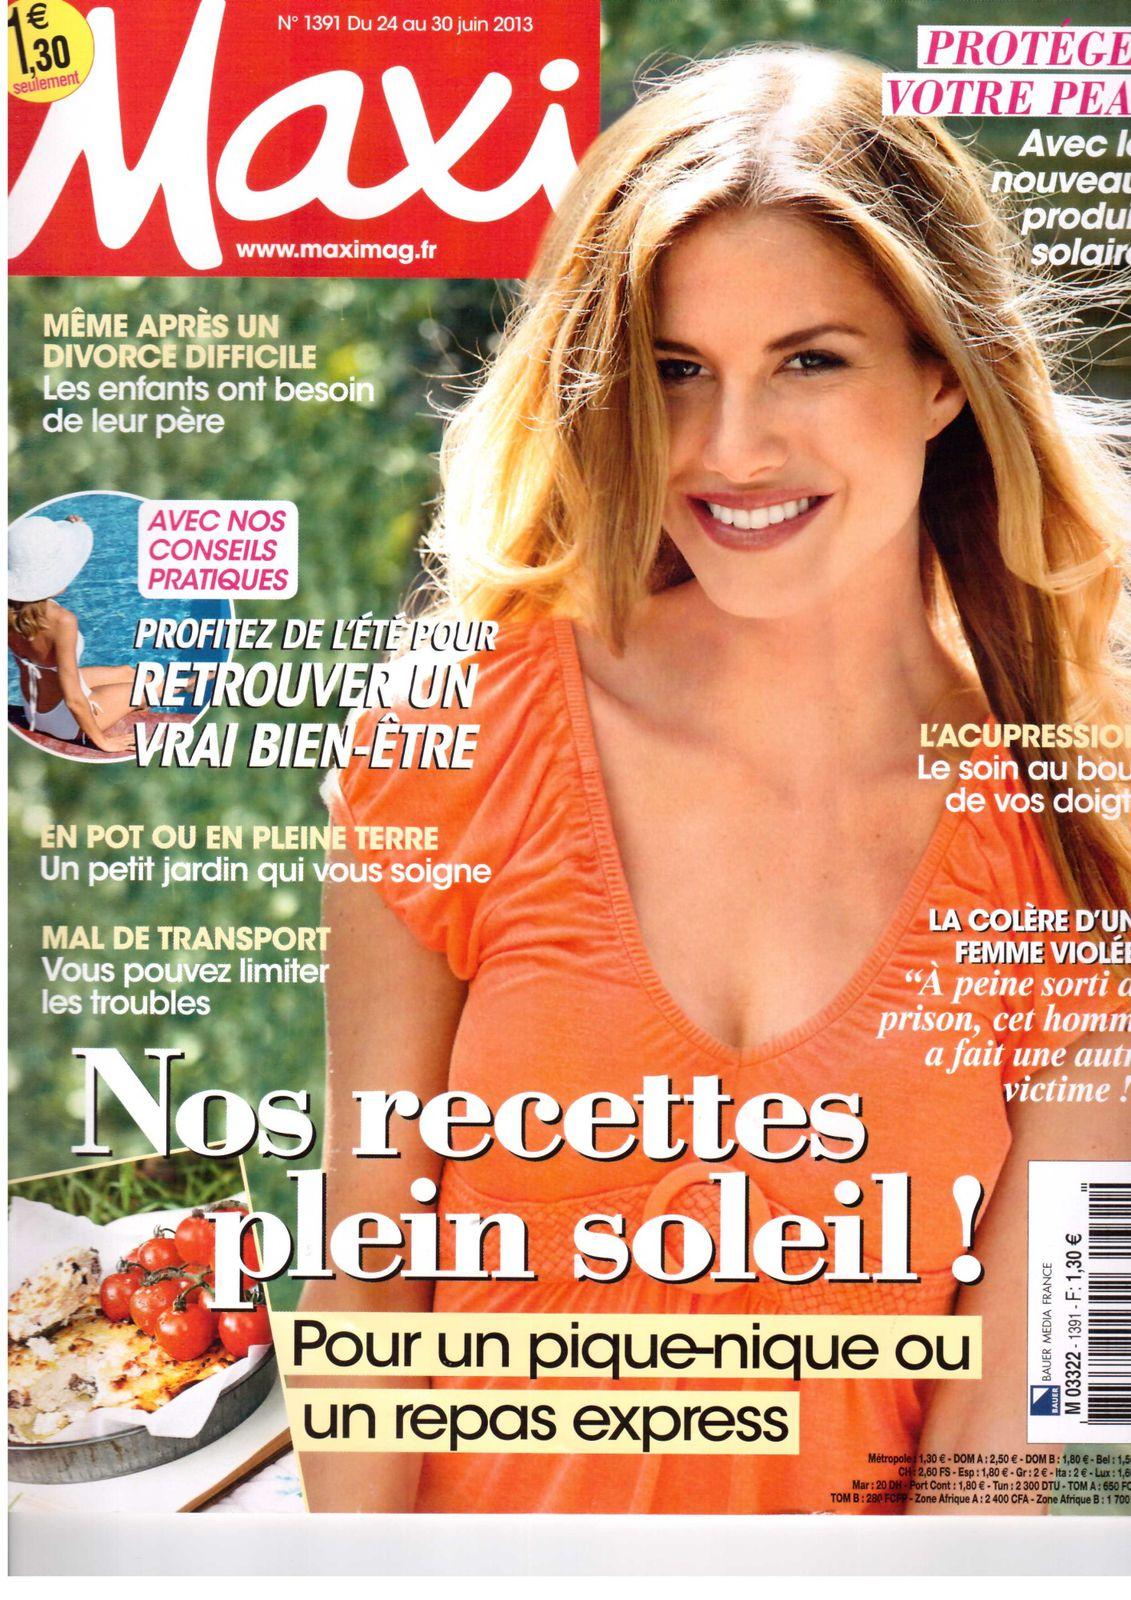 Elodie dans le magasine &quot&#x3B;MAXI&quot&#x3B; du 24 au 30 juin 2013